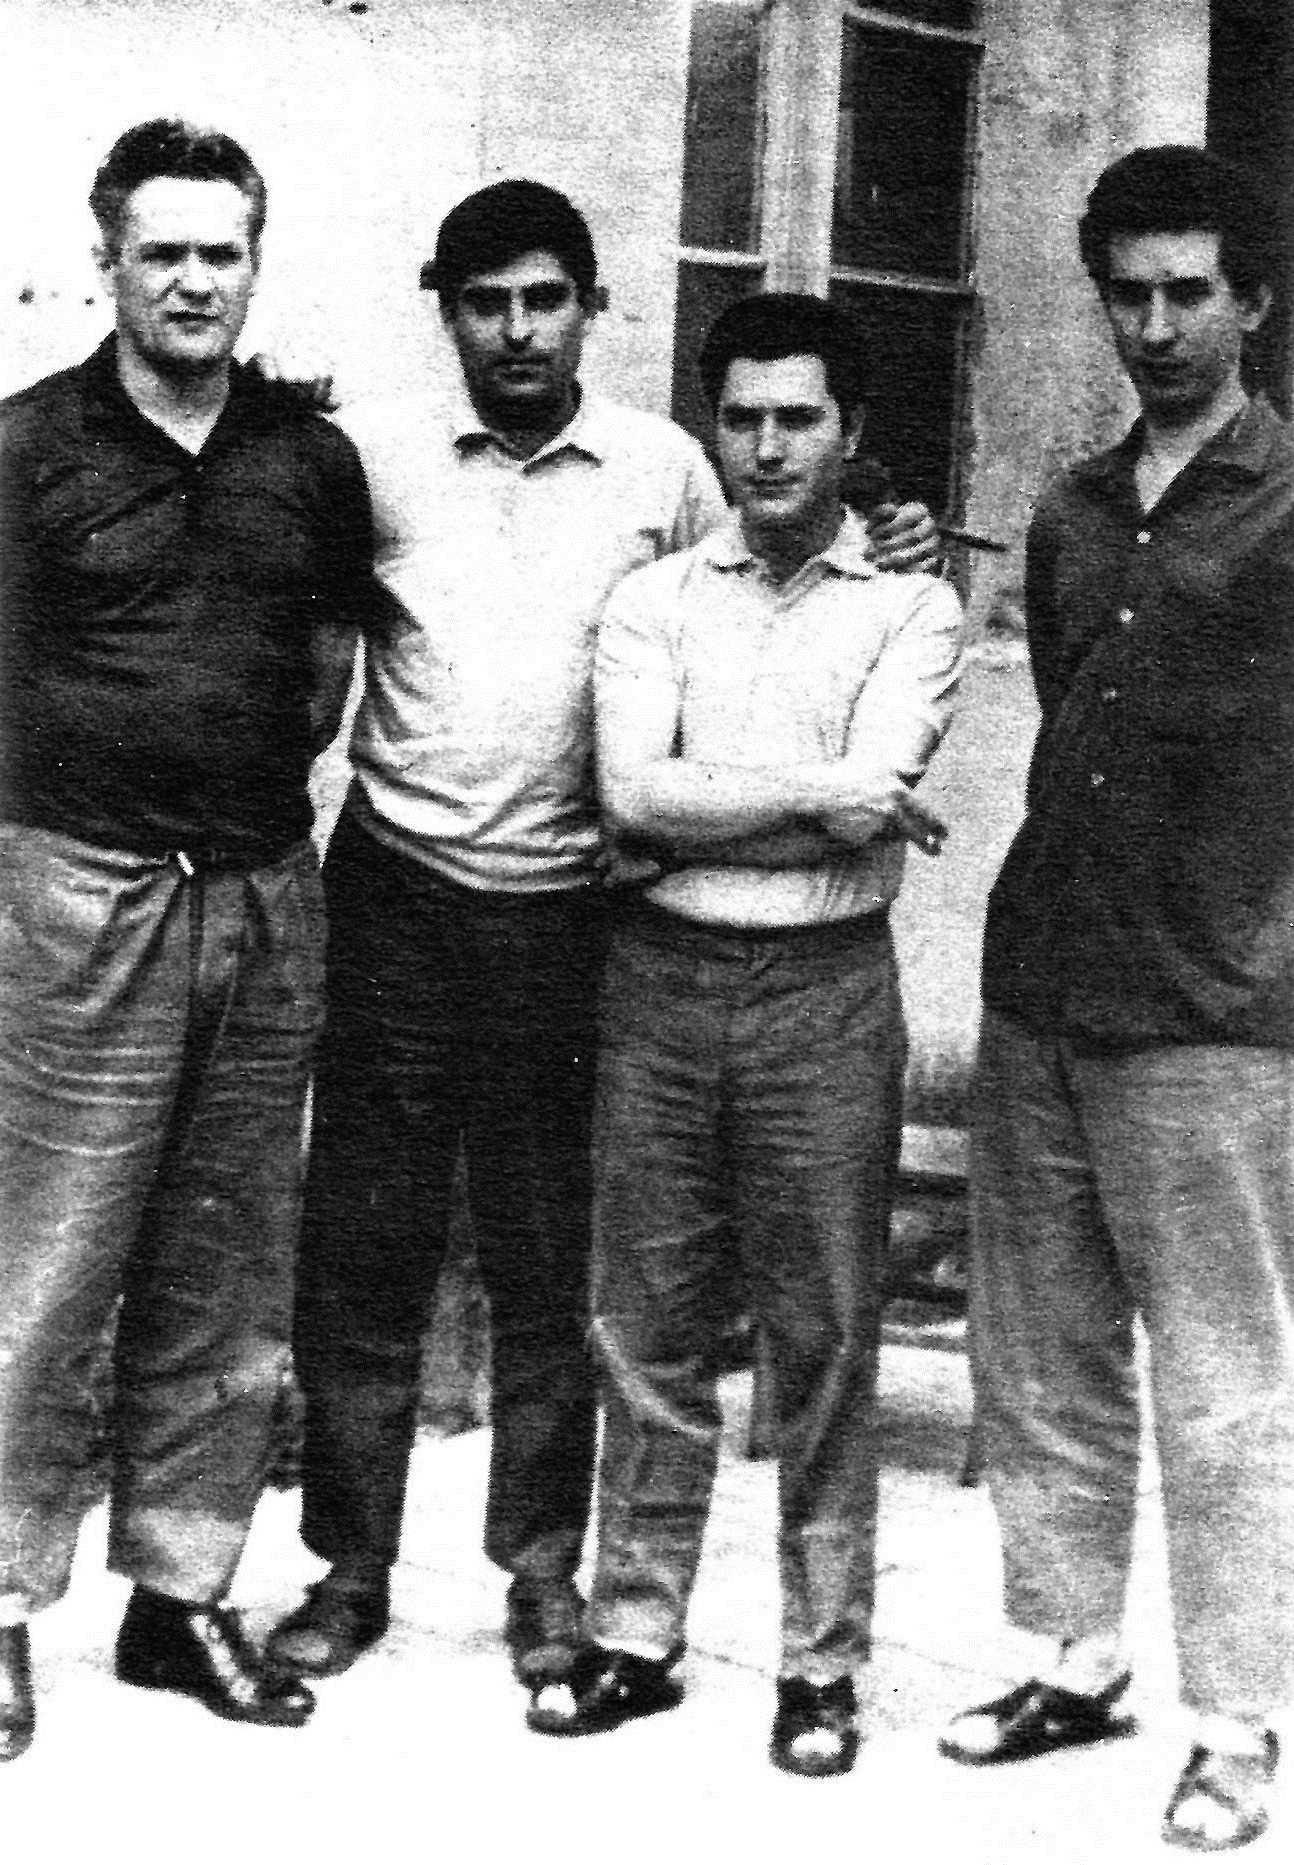 D'esquerra a dreta, els presos: Luis Andrés Edo, Juan Salcedo Martí, David Urbano Bermúdez i Jaime Pozas de Villena (1968)